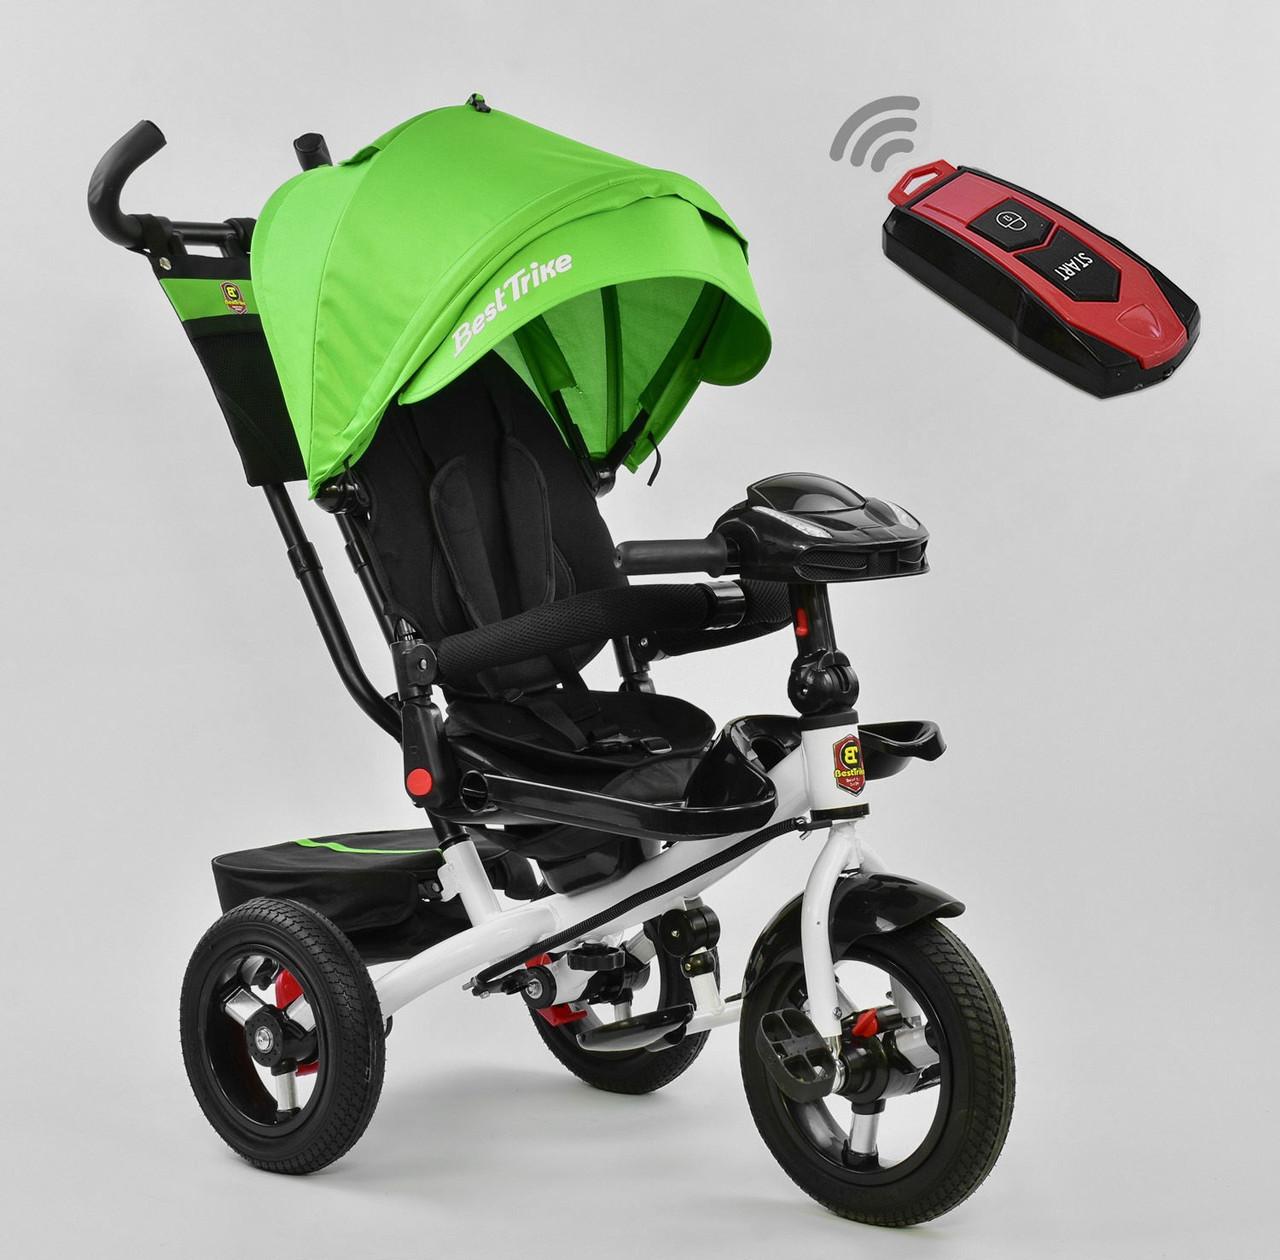 Дитячий триколісний велосипед 6088 F - 1990 Best Trike Зелений, поворотне сидіння, складаний кермо, пульт